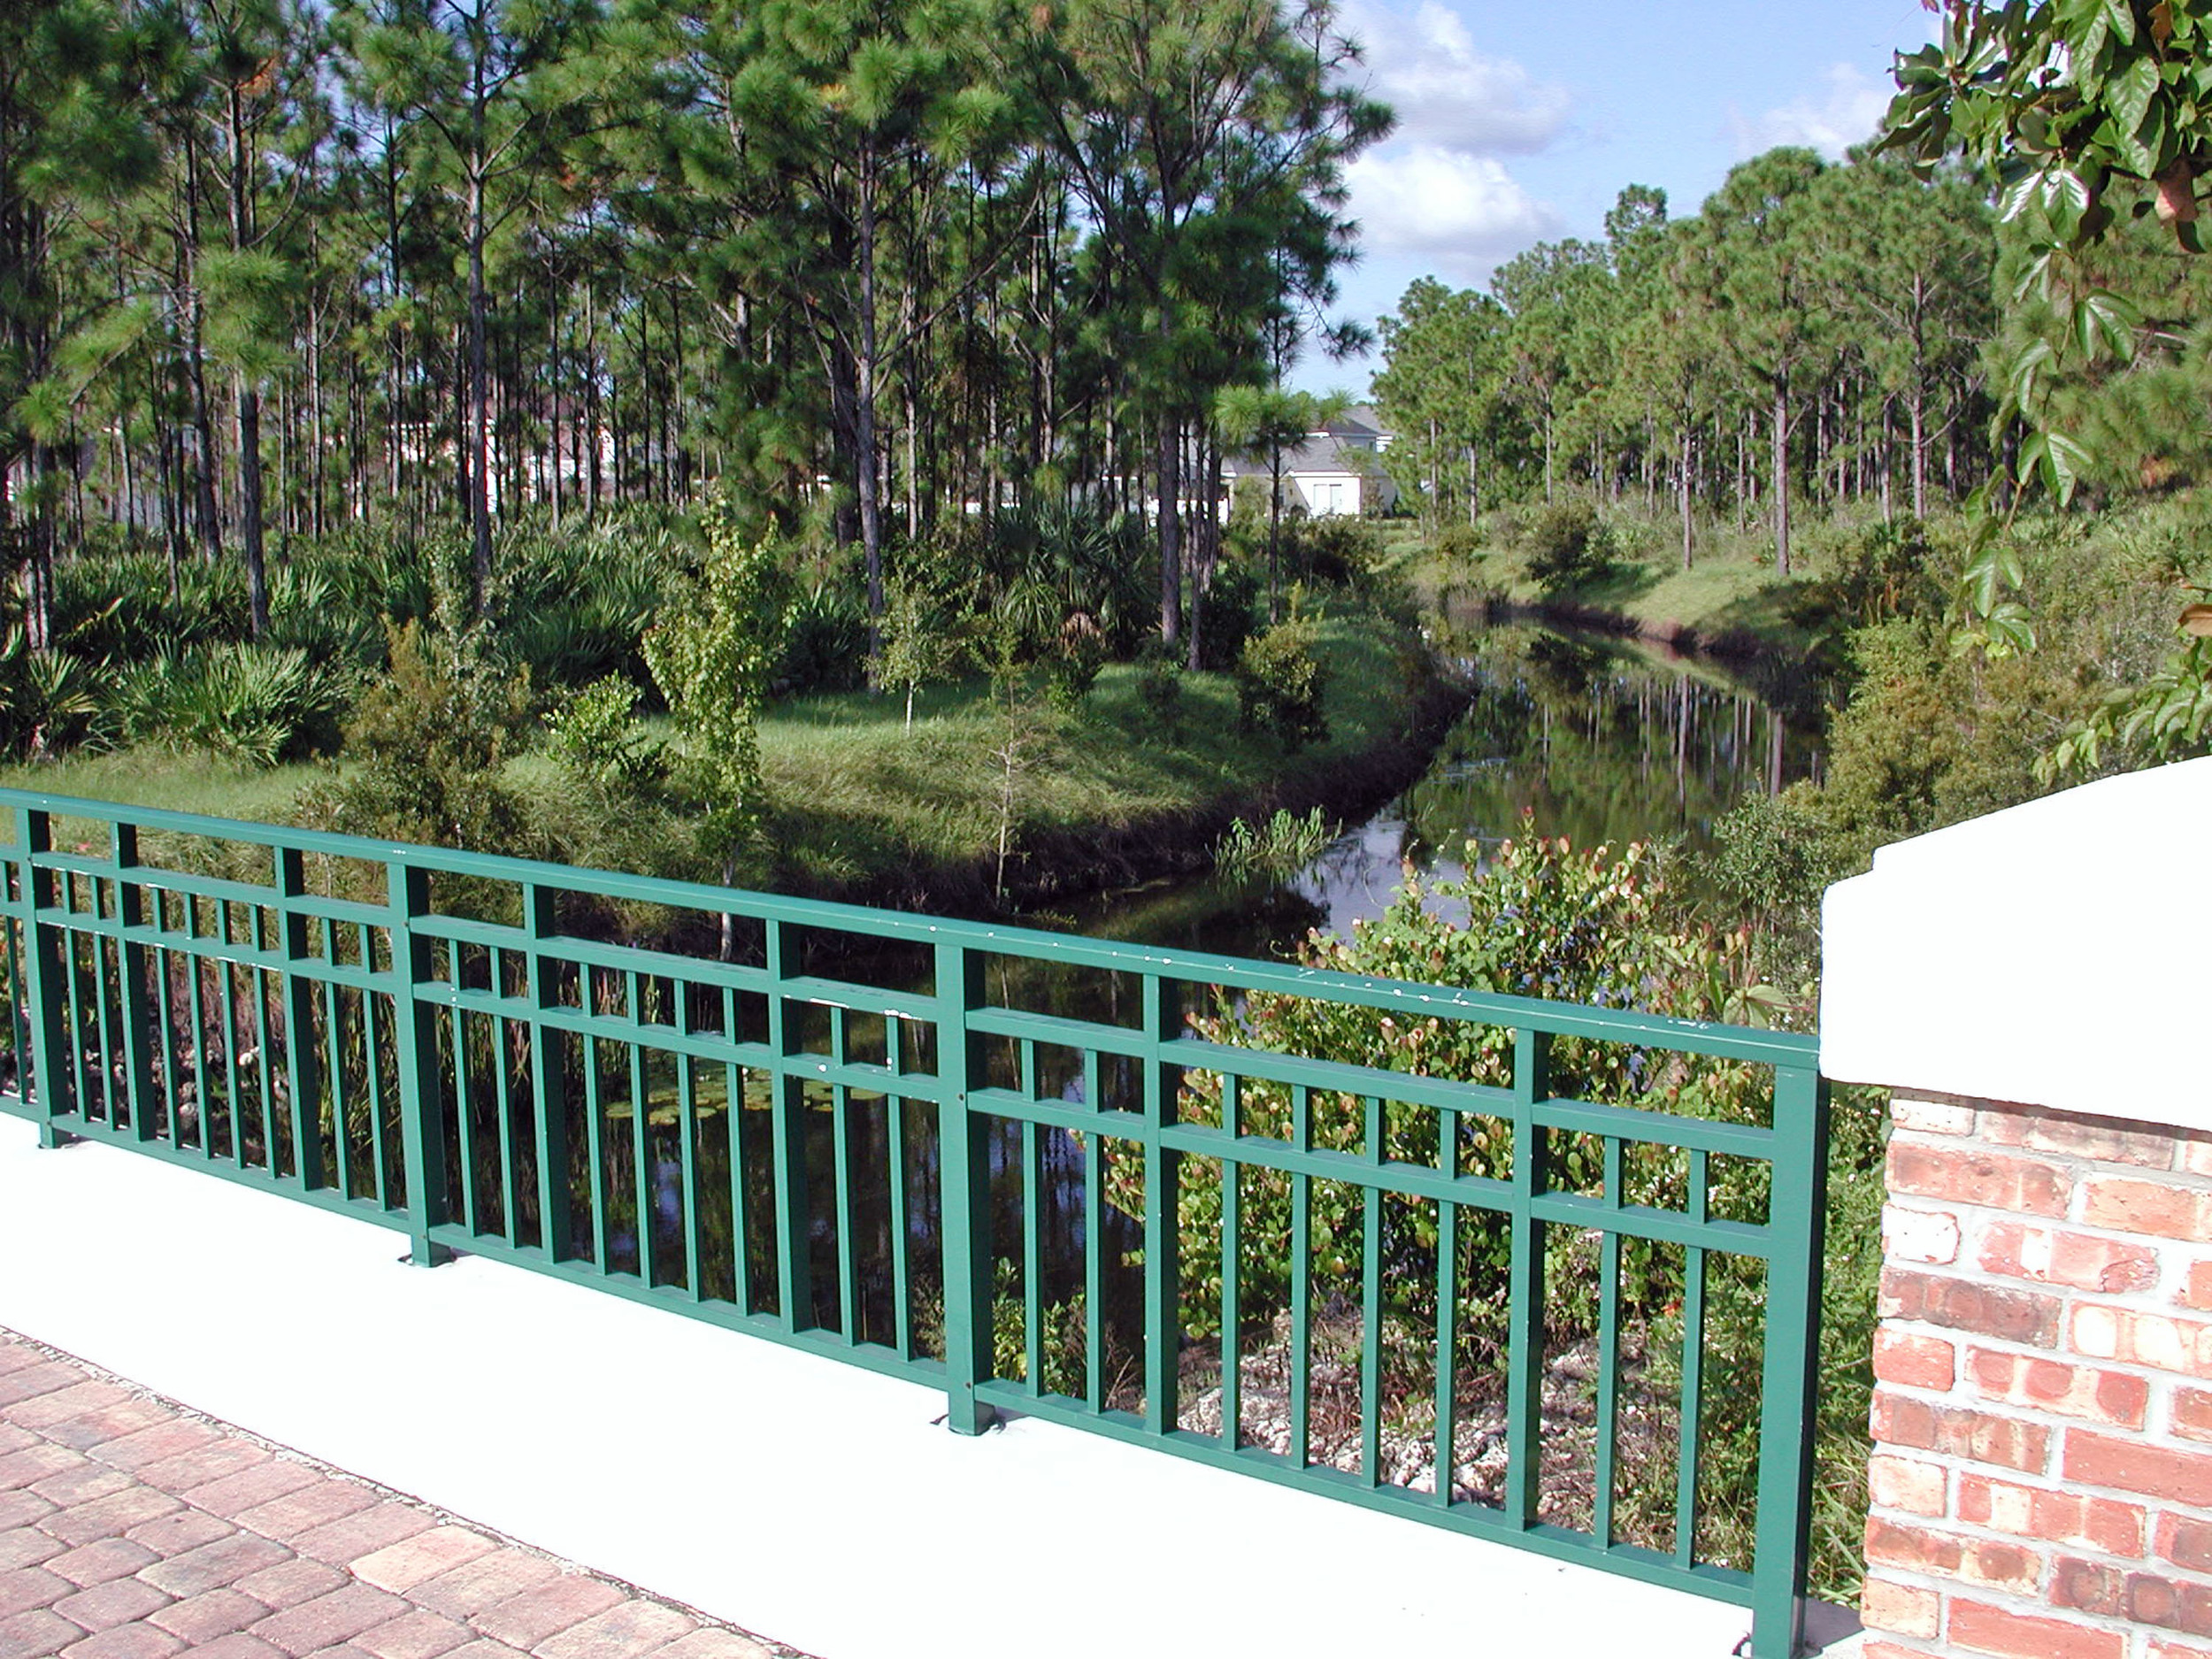 Abacoa Greenway Bridge Crossing.jpg